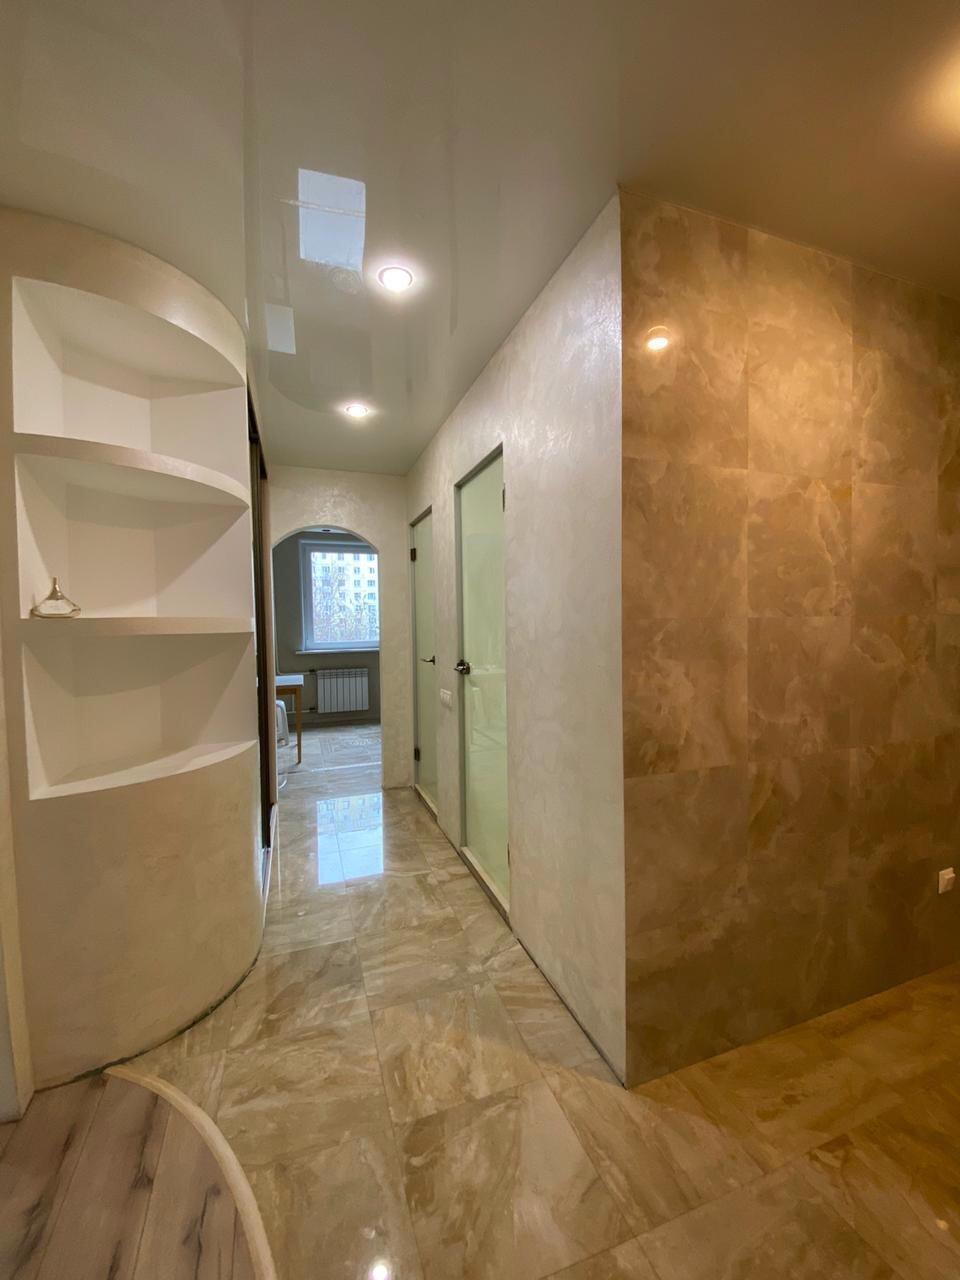 Квартира, 2 комнаты, 58 м² в Москве 89779120685 купить 2